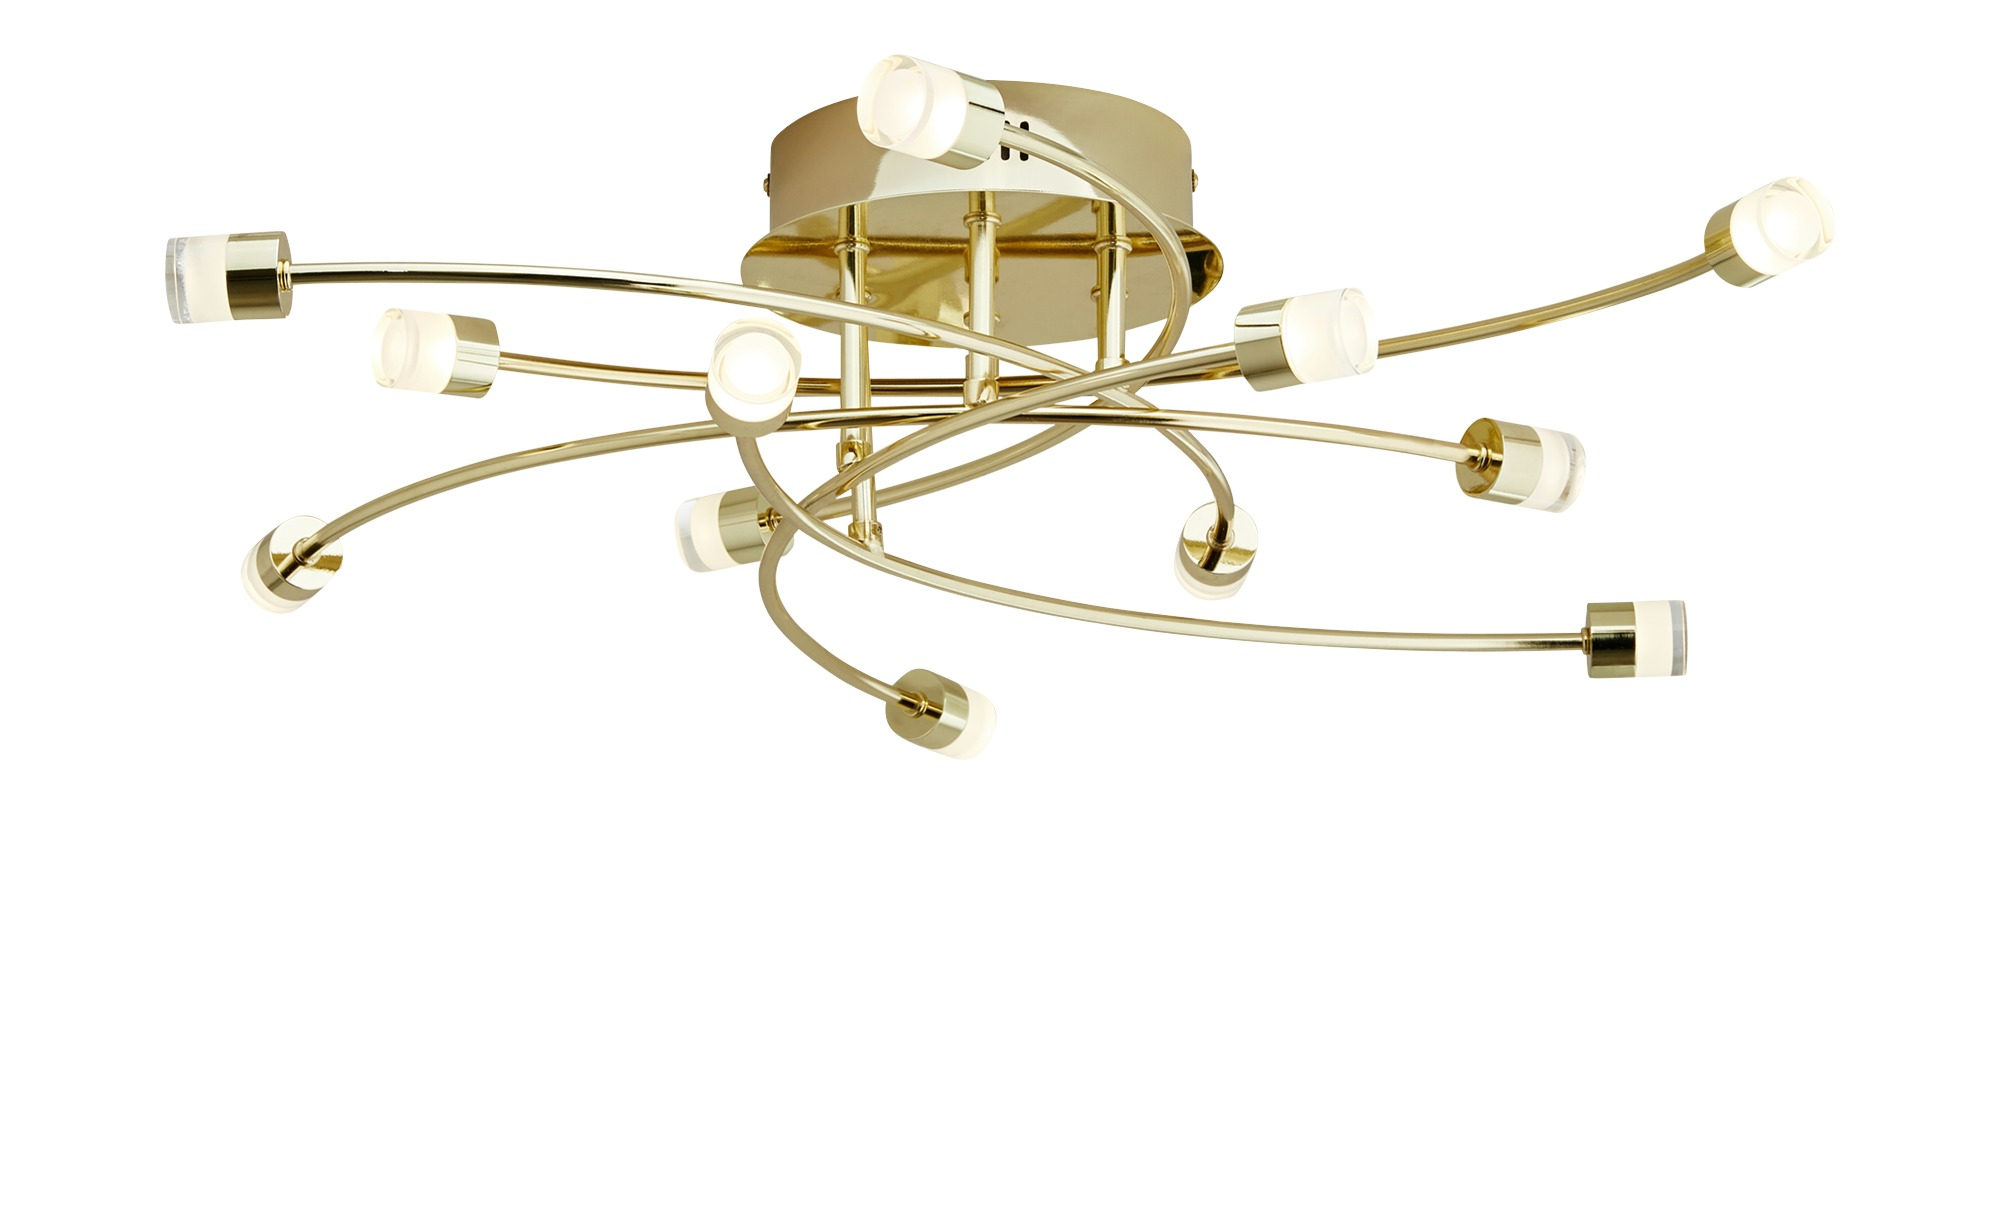 LED- Deckenleuchte, 12-flammig, messing poliert, Arme geschwungen ¦ gold ¦ Maße (cm): H: 17 Ø: [64.0] Lampen & Leuchten > Innenleuchten > Deckenleuchten - Höffner